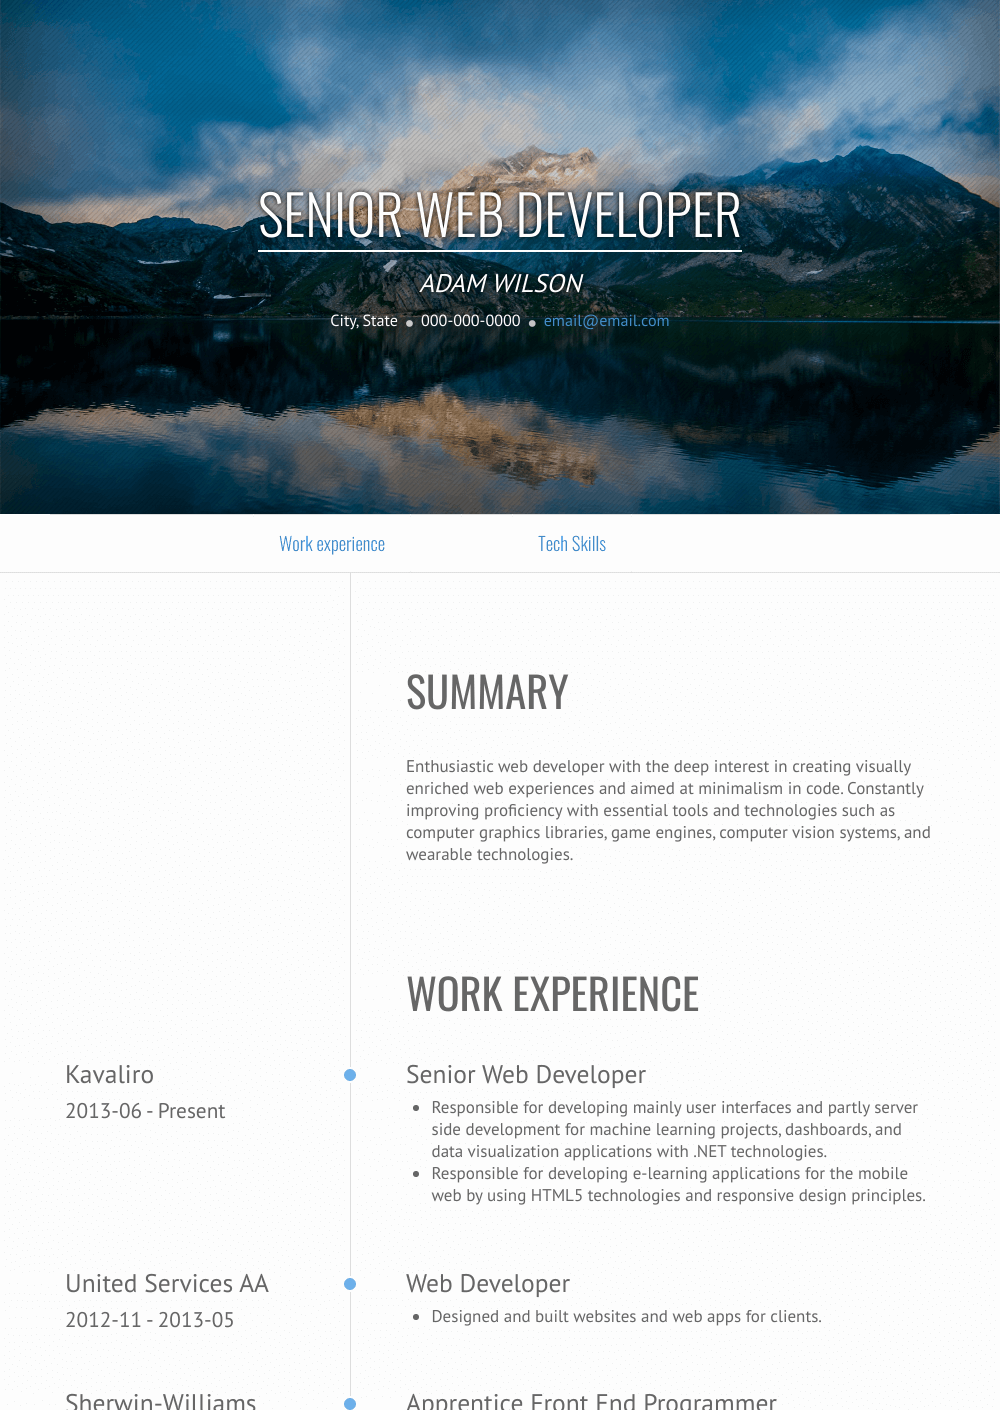 Senior Web Developer Resume Sample and Template